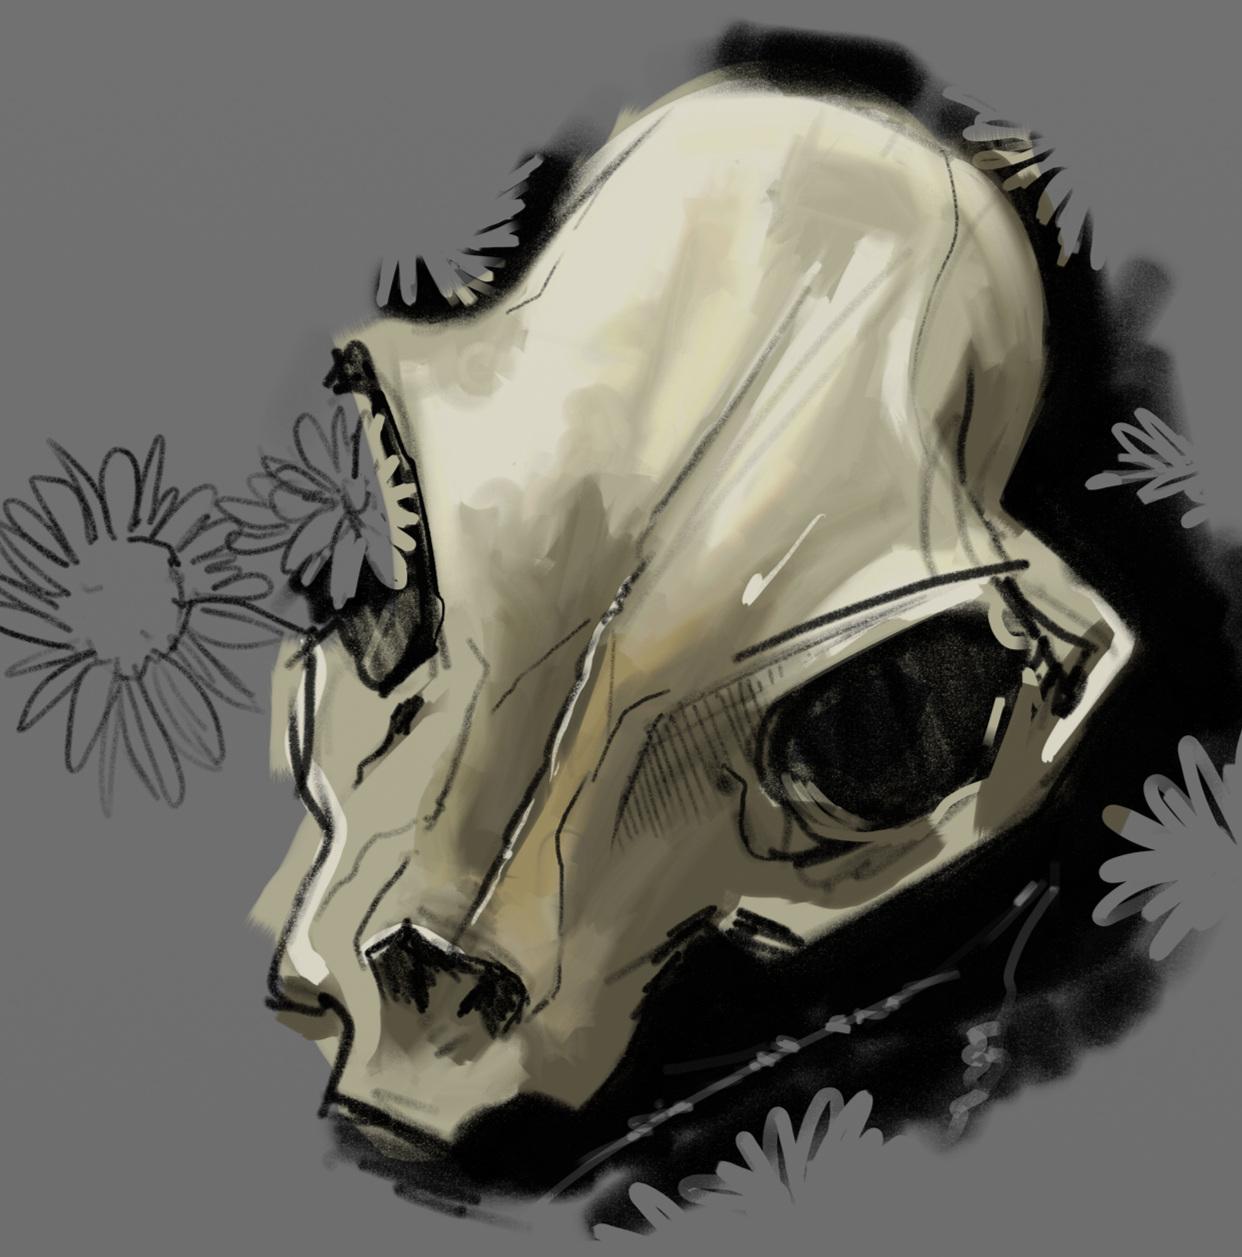 skulls_dfrnt_03.png